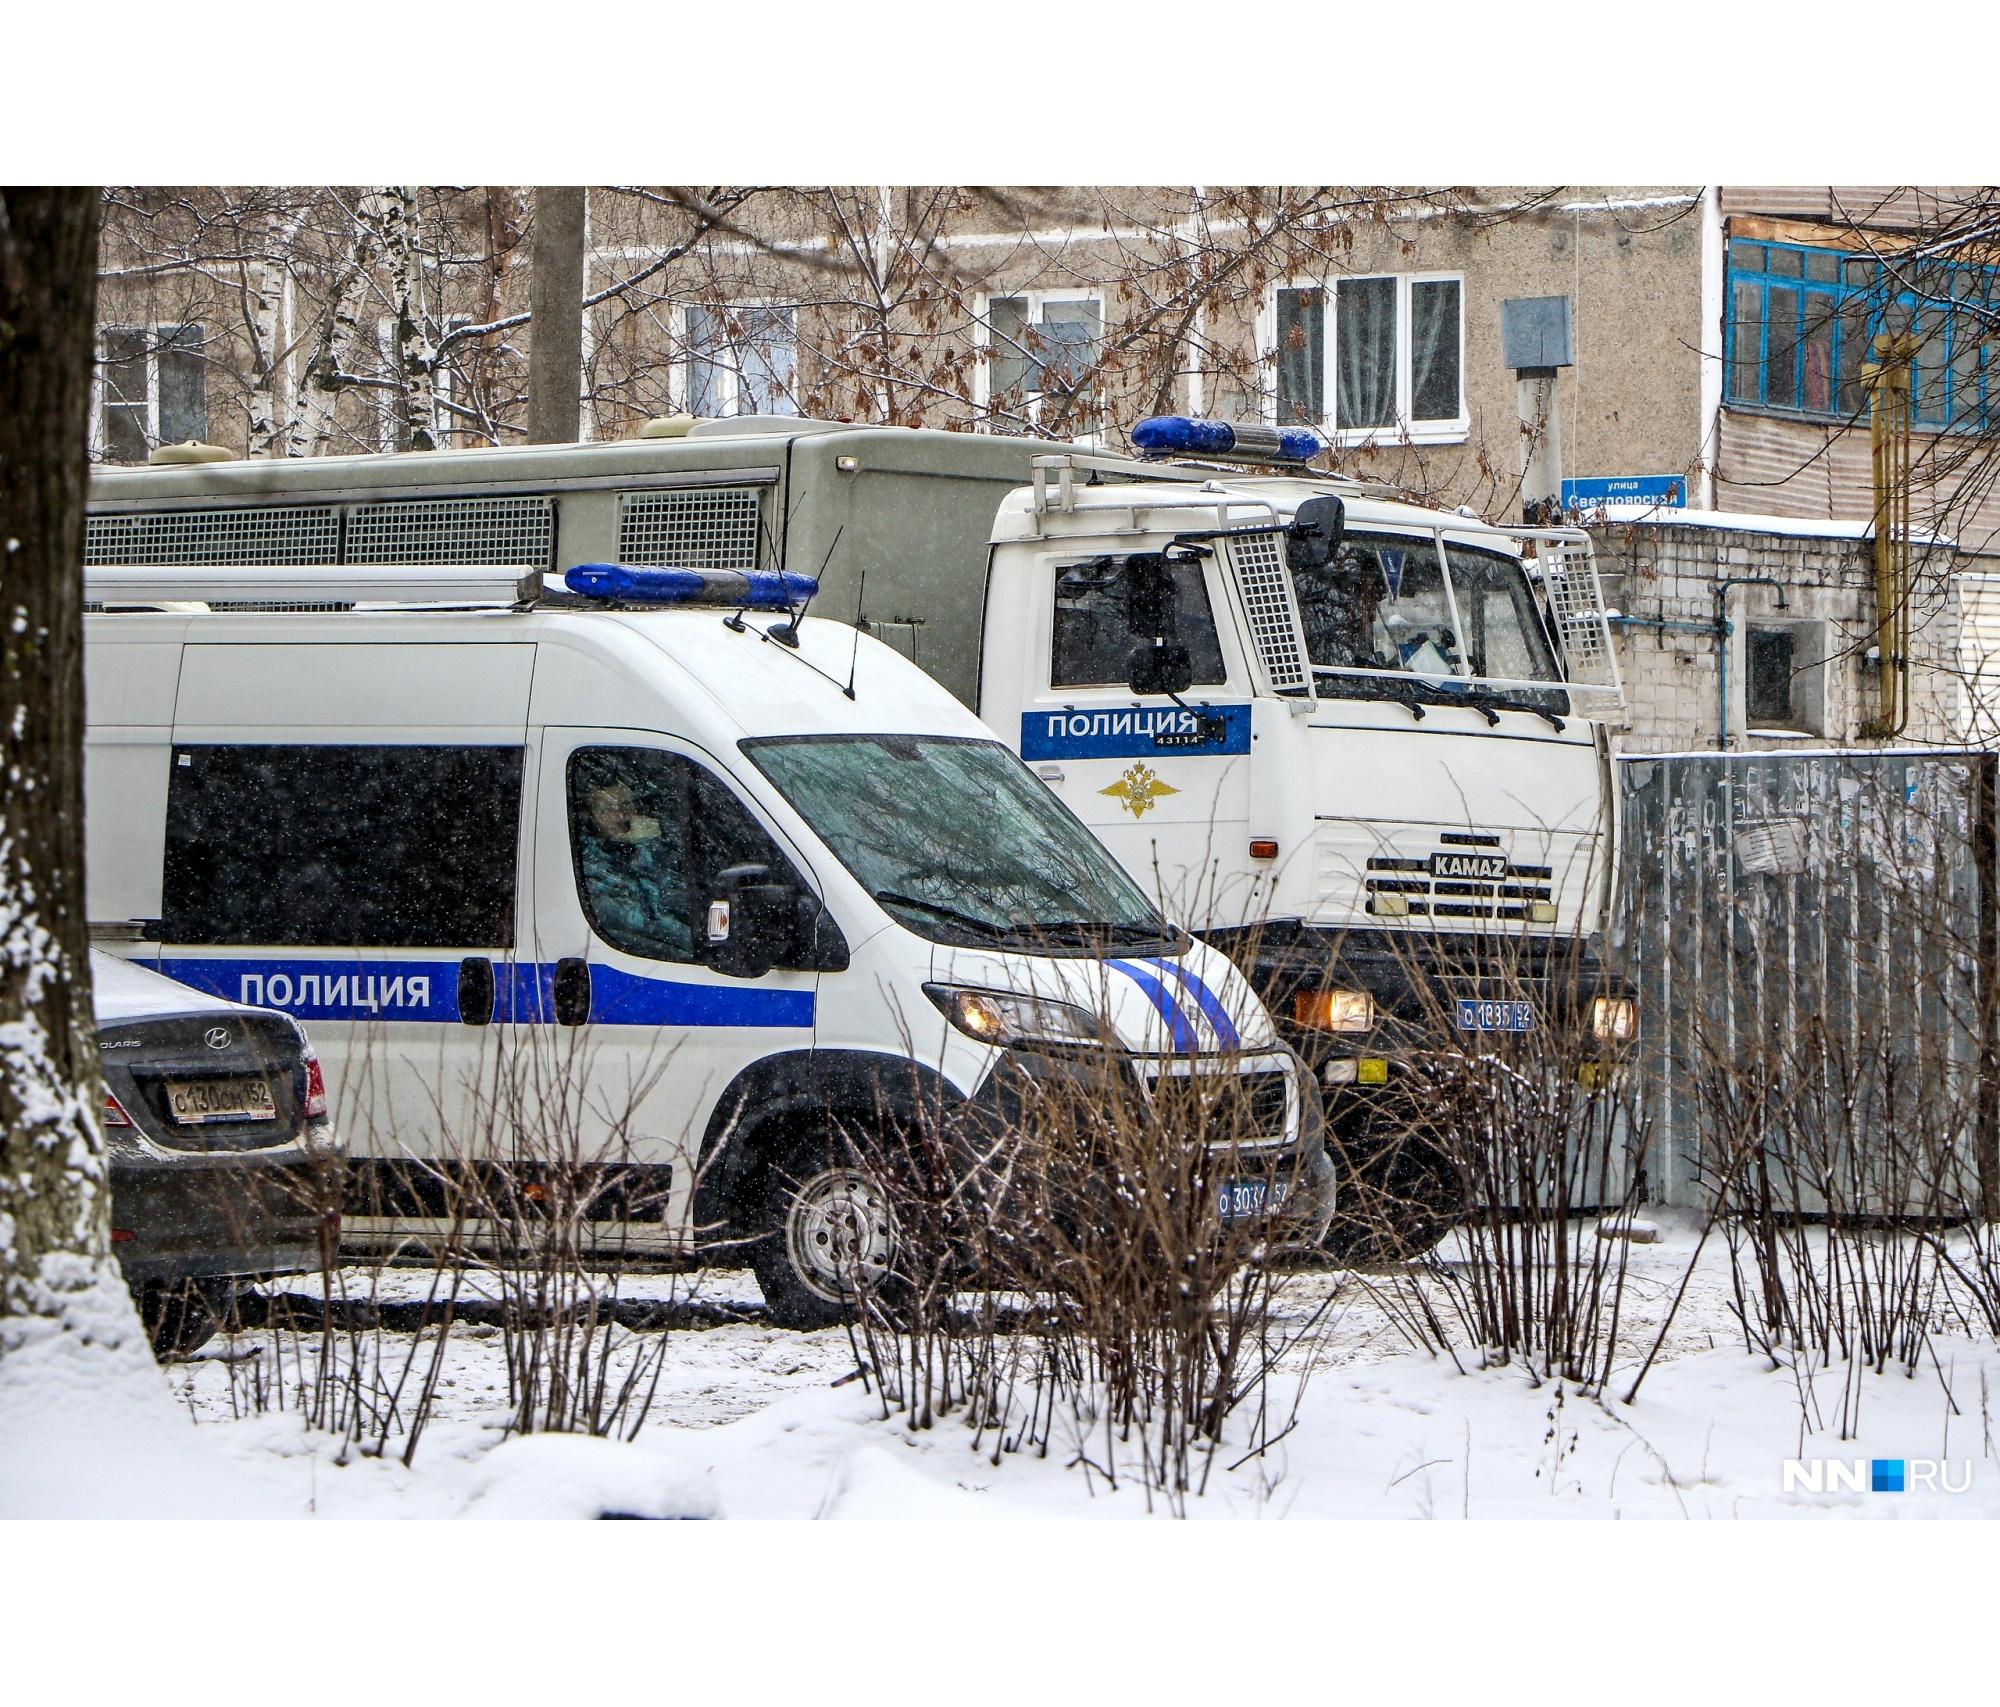 К дому подозреваемого приехало множество машин полиции и других ведомств